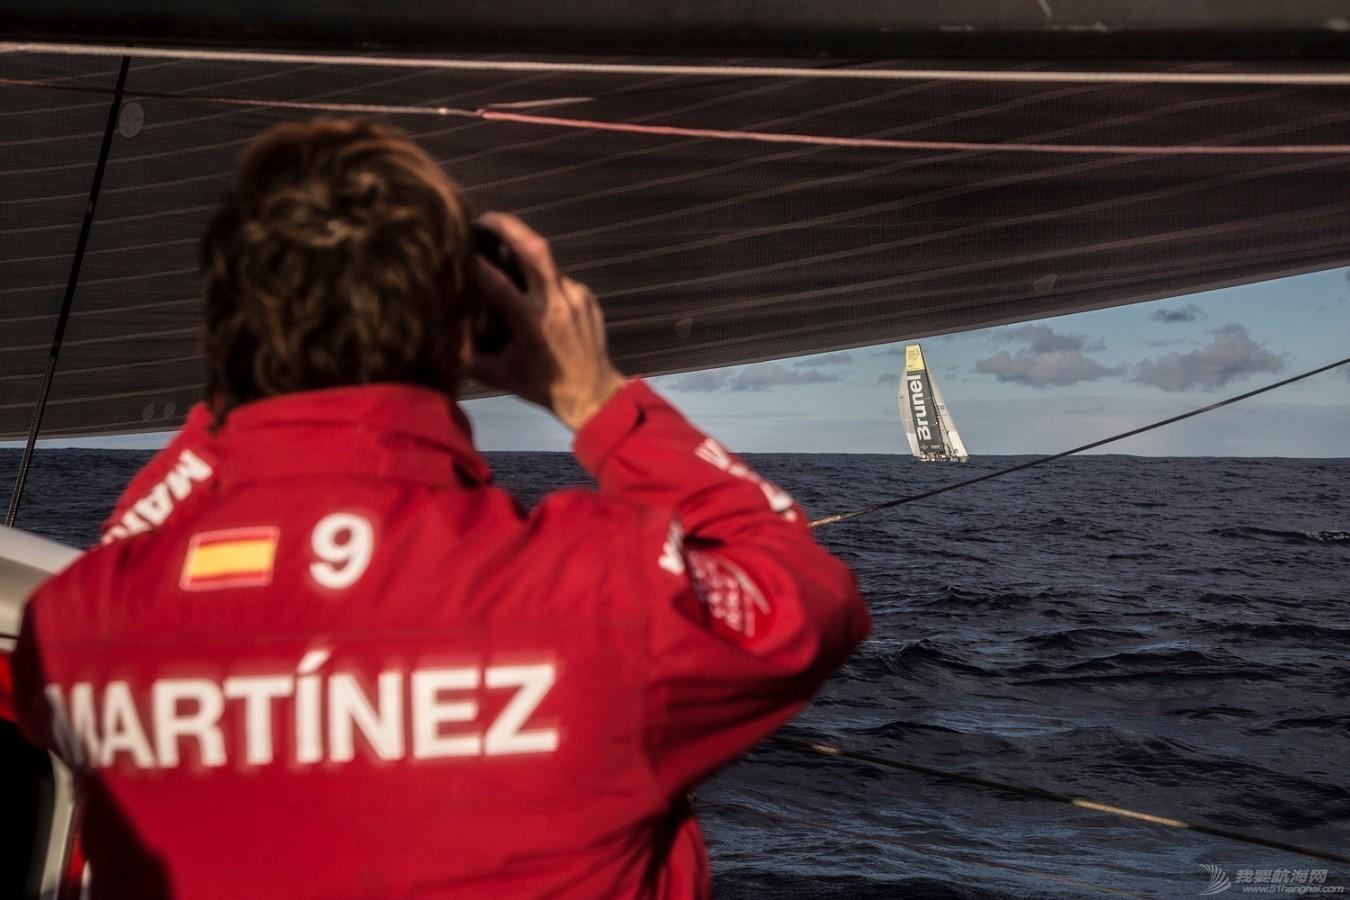 阿布扎比,沃尔沃,积分榜,紧迫感,里斯本 阿布扎比队领跑总积分榜 其他船队仍有逆转可能